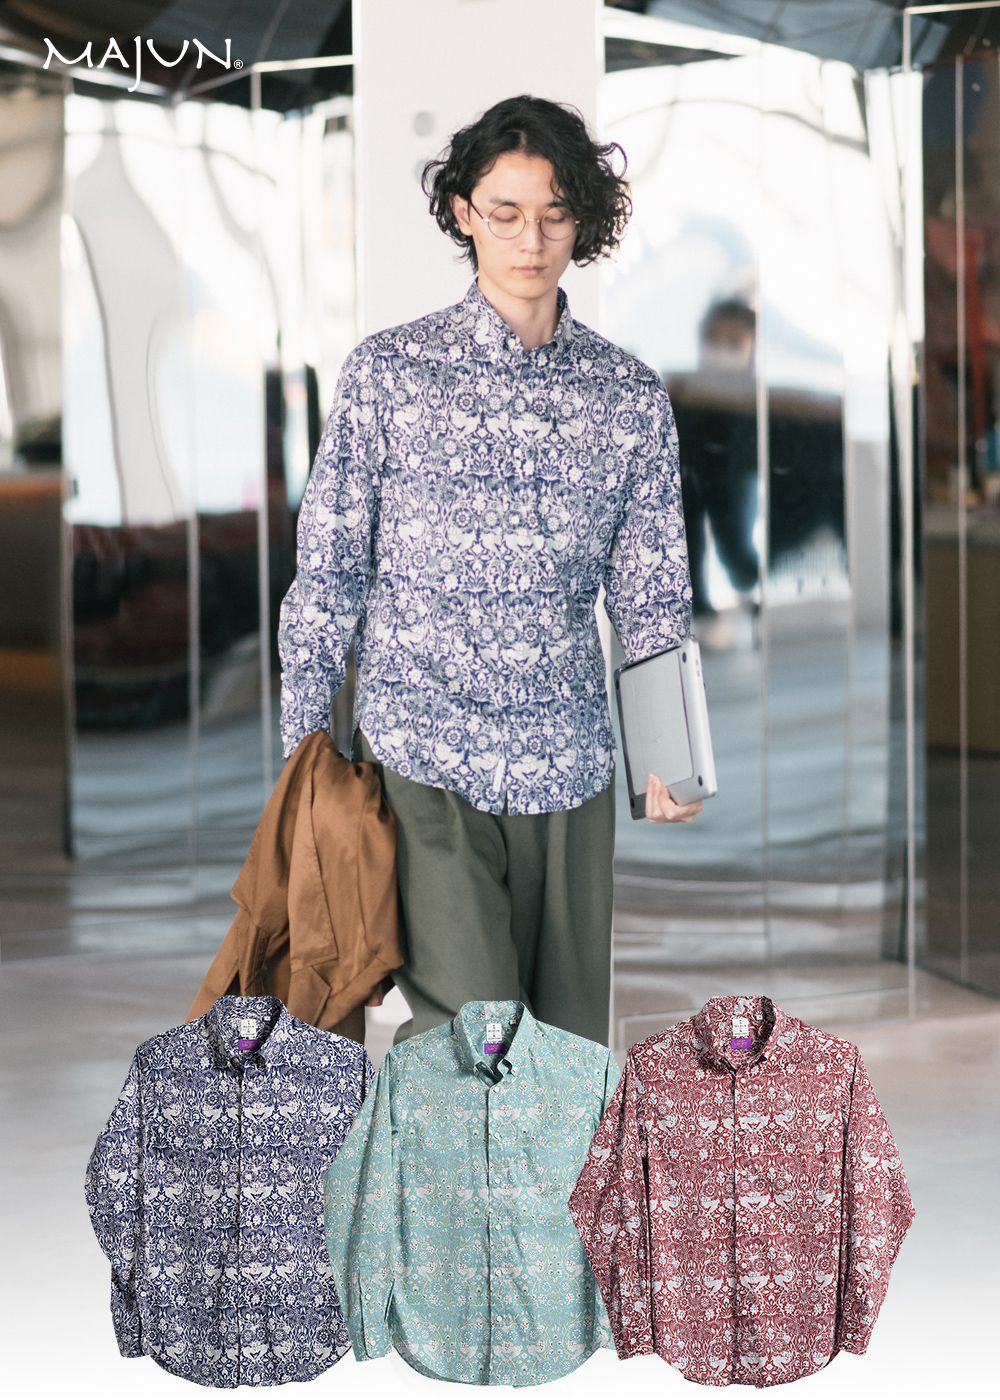 かりゆしウェア(沖縄版アロハシャツ) MAJUN - ジャックス・リュウキュウ・フローラル L/S